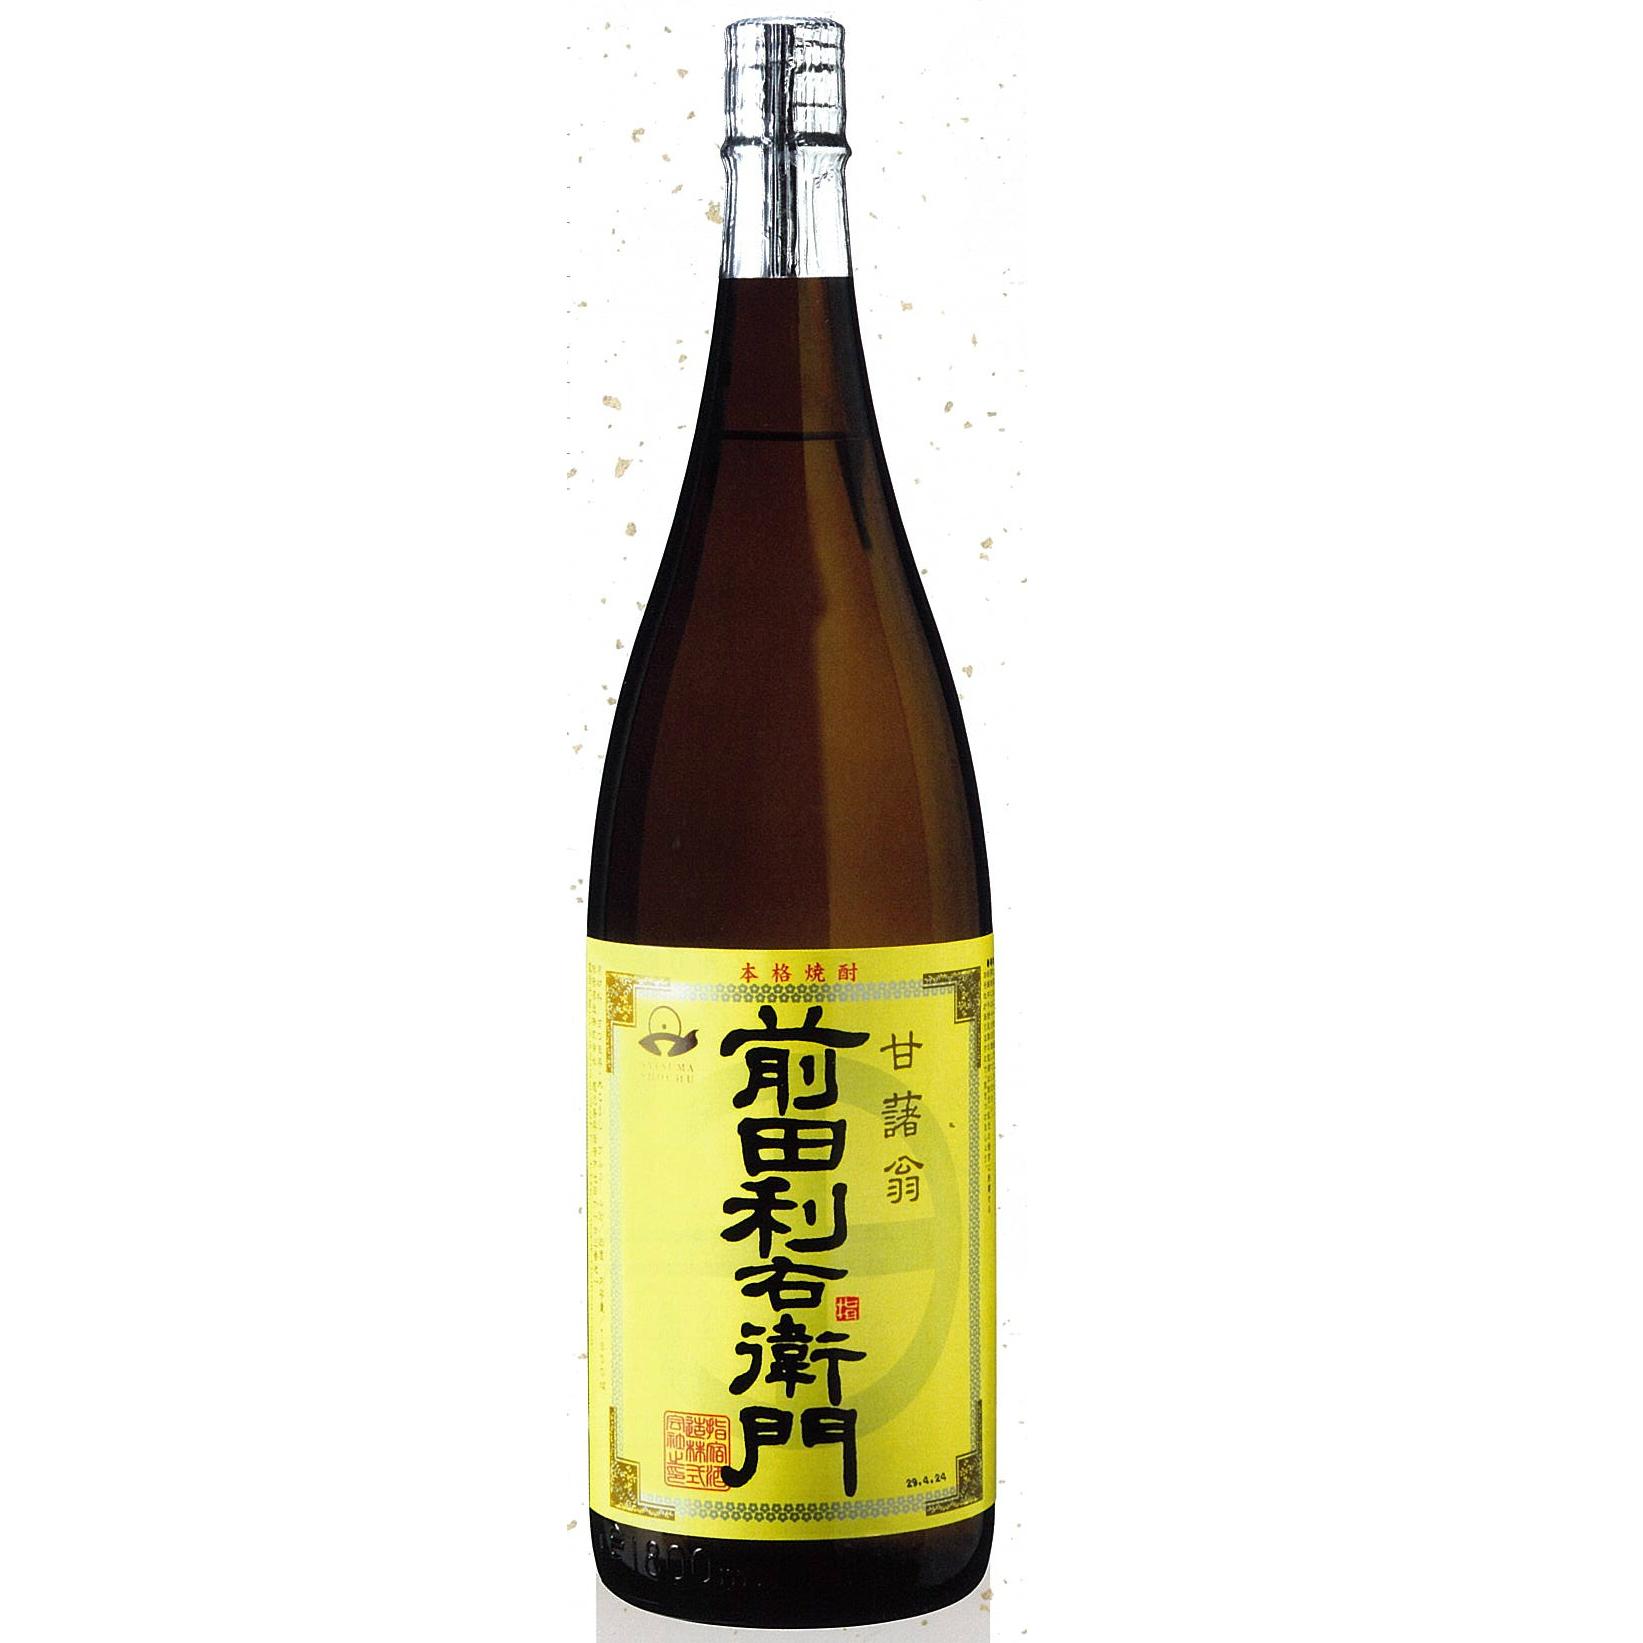 芋焼酎の黄麹編 フルーティーな味わいが楽しめることから、人気沸騰!